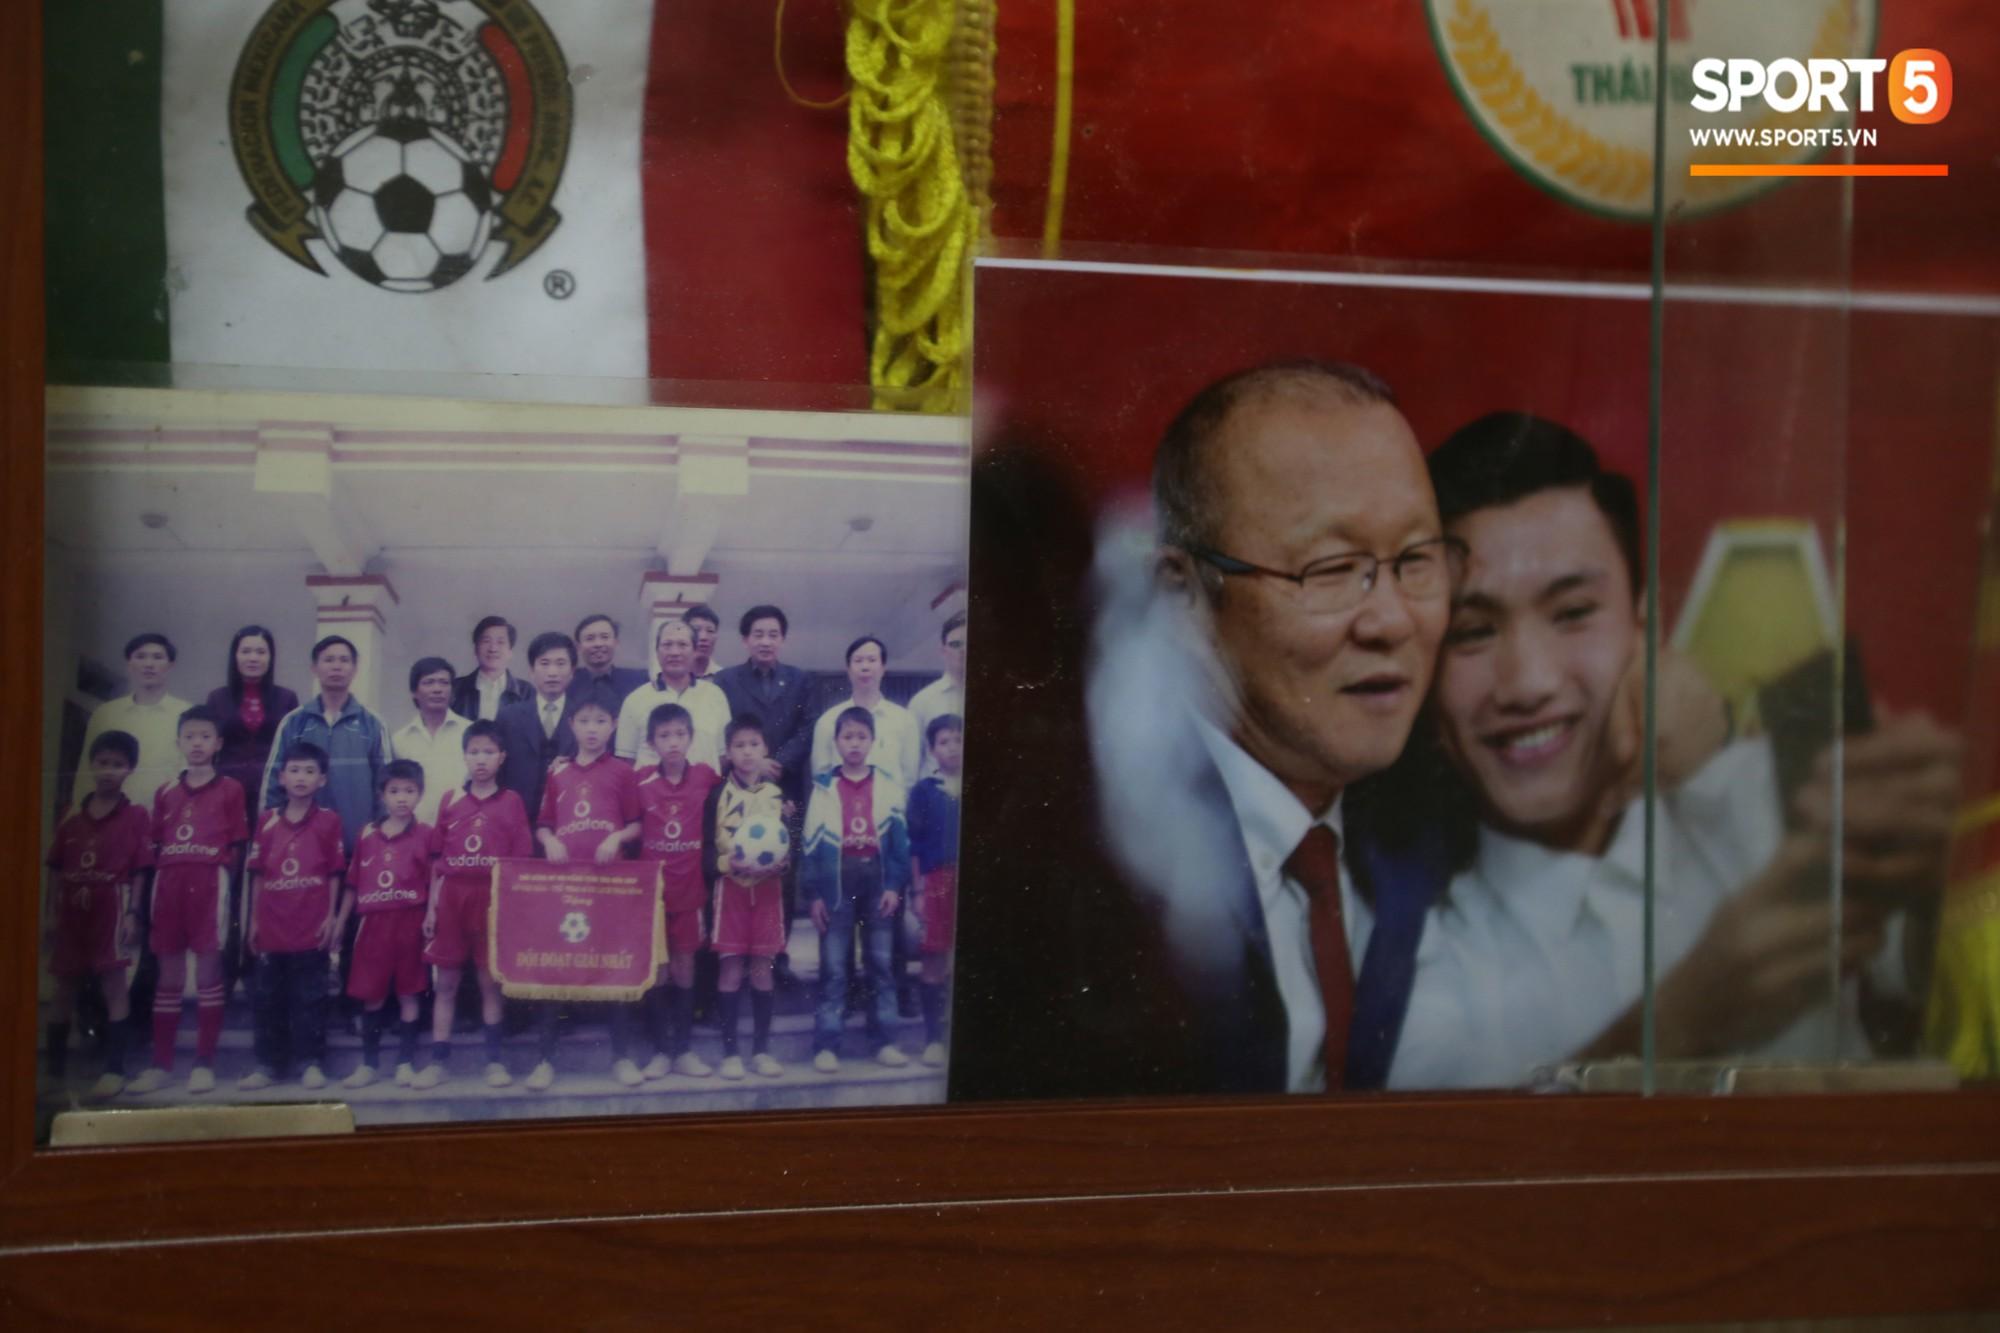 Về thăm nhà Văn Hậu, phát hiện món quà đầu tiên em út ĐT Việt Nam mua cho cha mẹ bằng đồng lương kiếm được-7